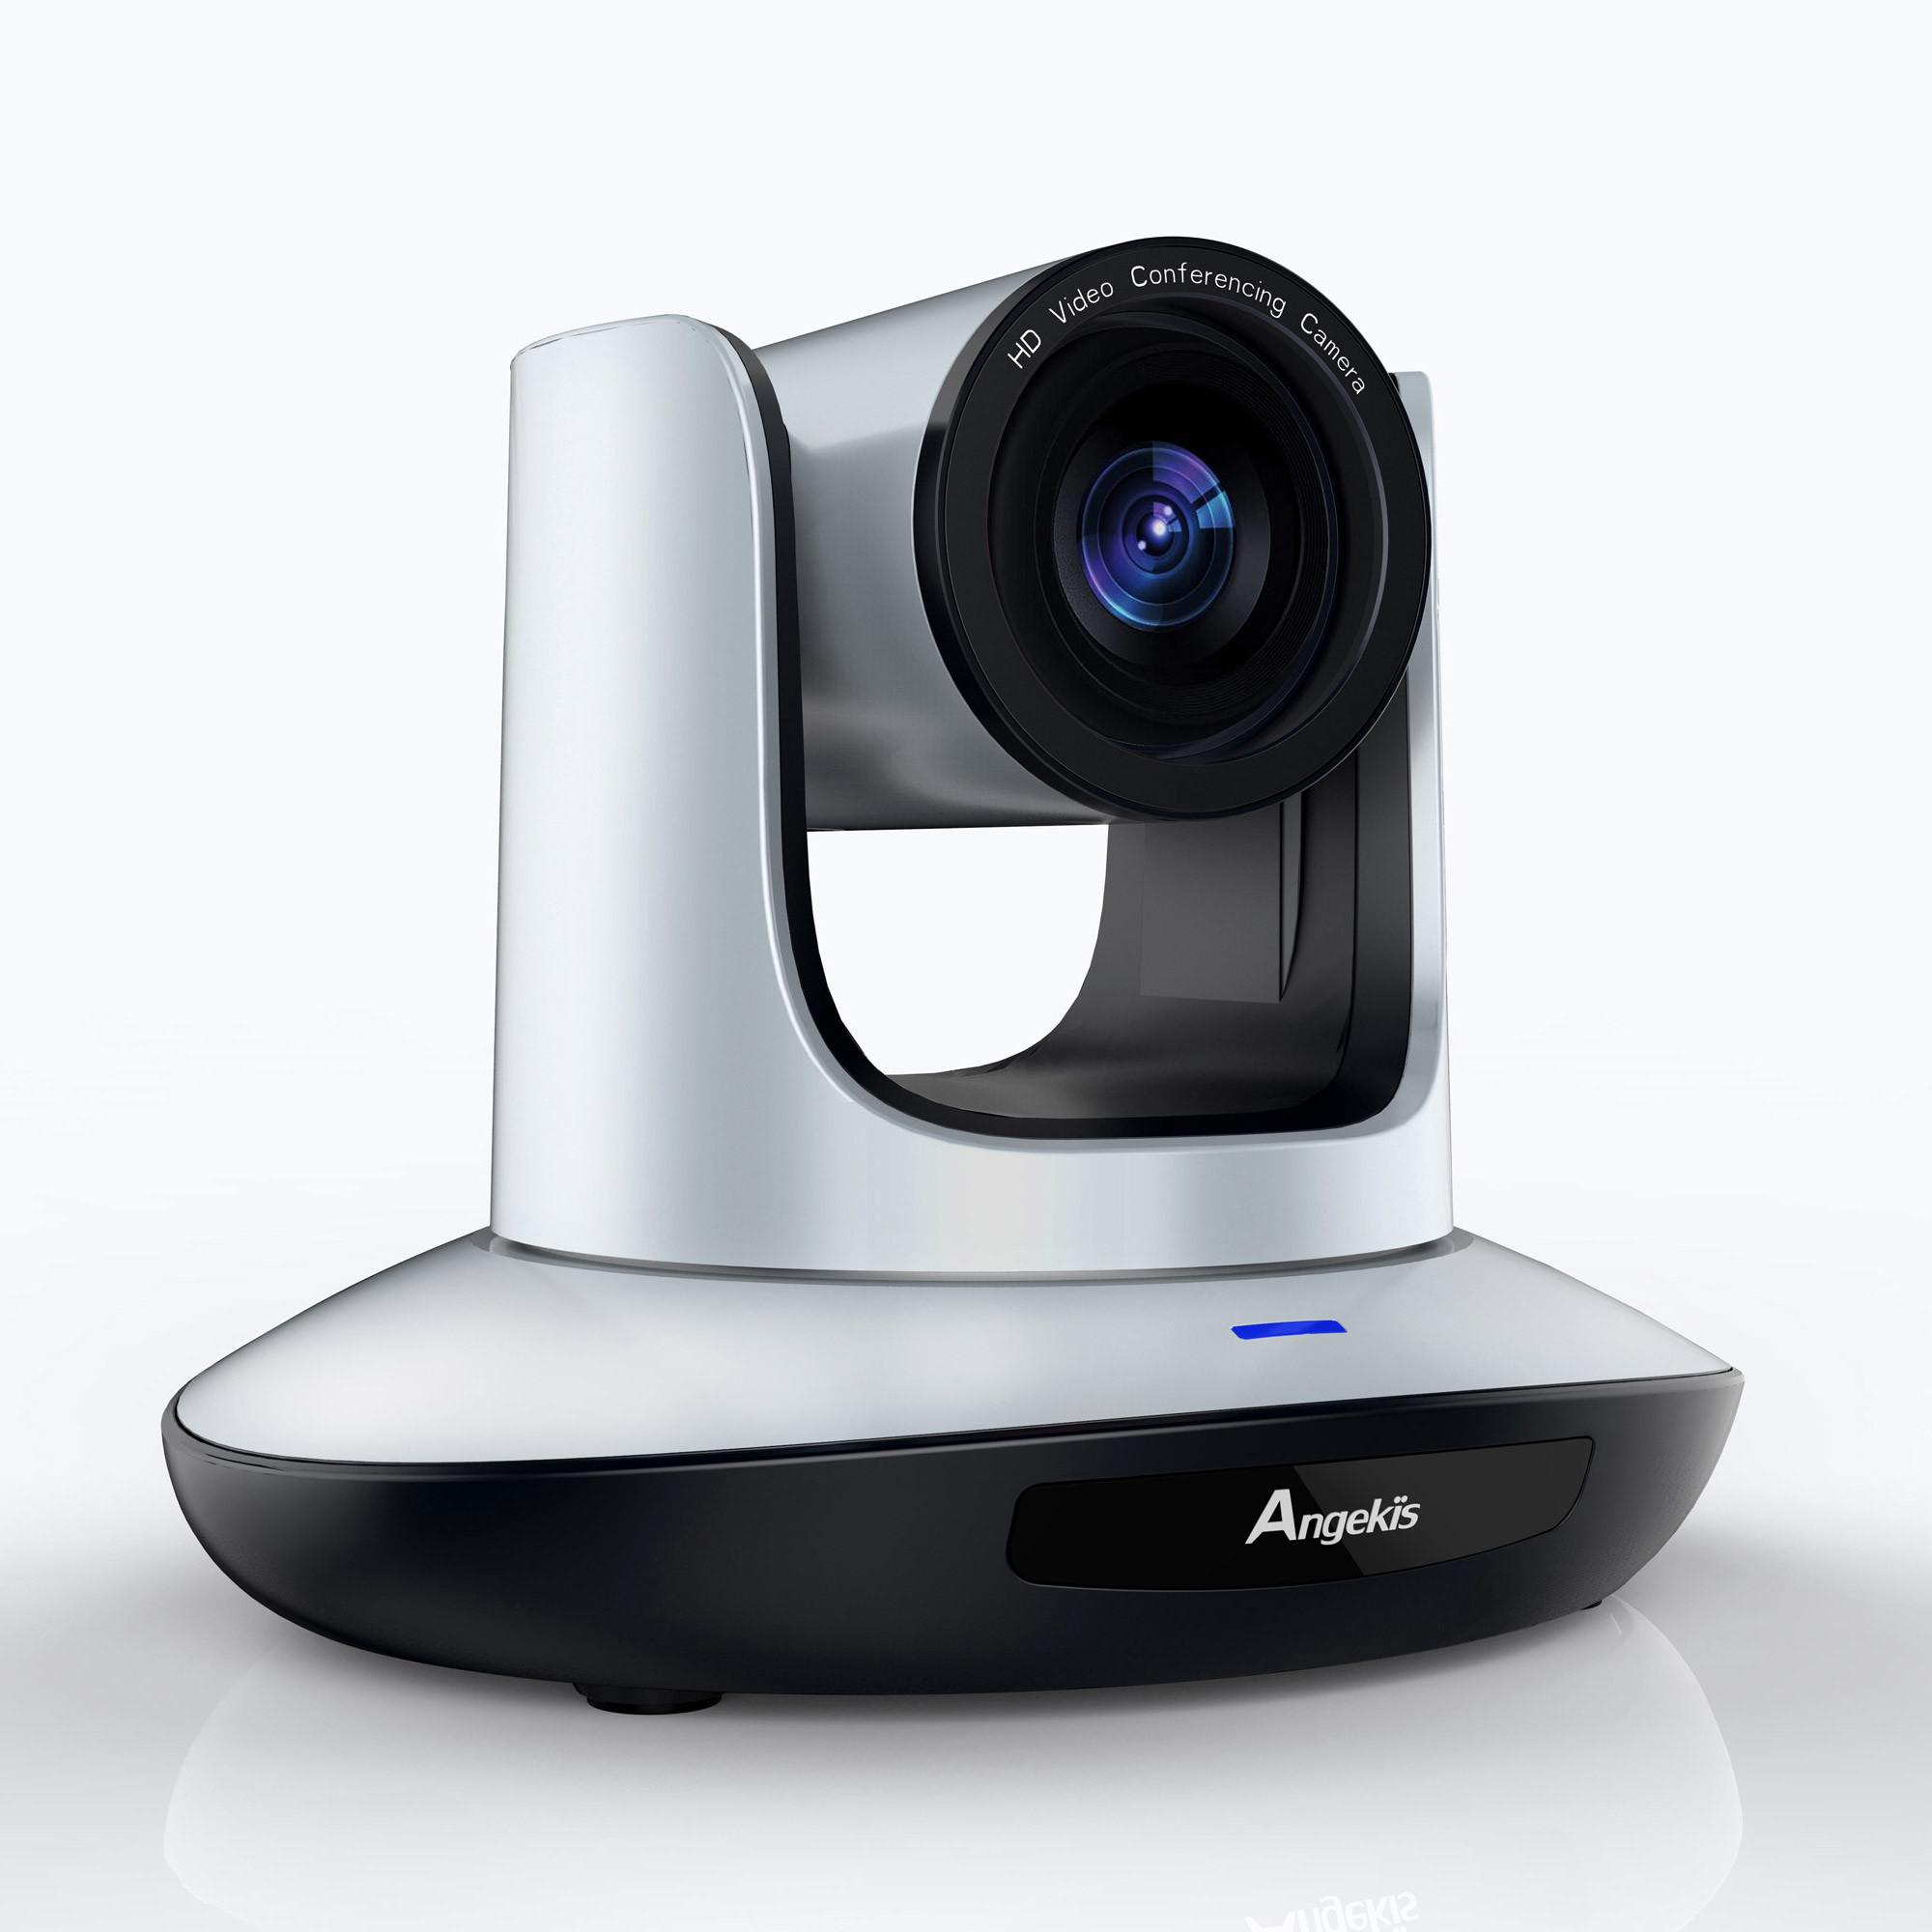 1080P 60 Video Conference HD USB 3.0 12X USB PTZ Camera (U3-12FHD60)